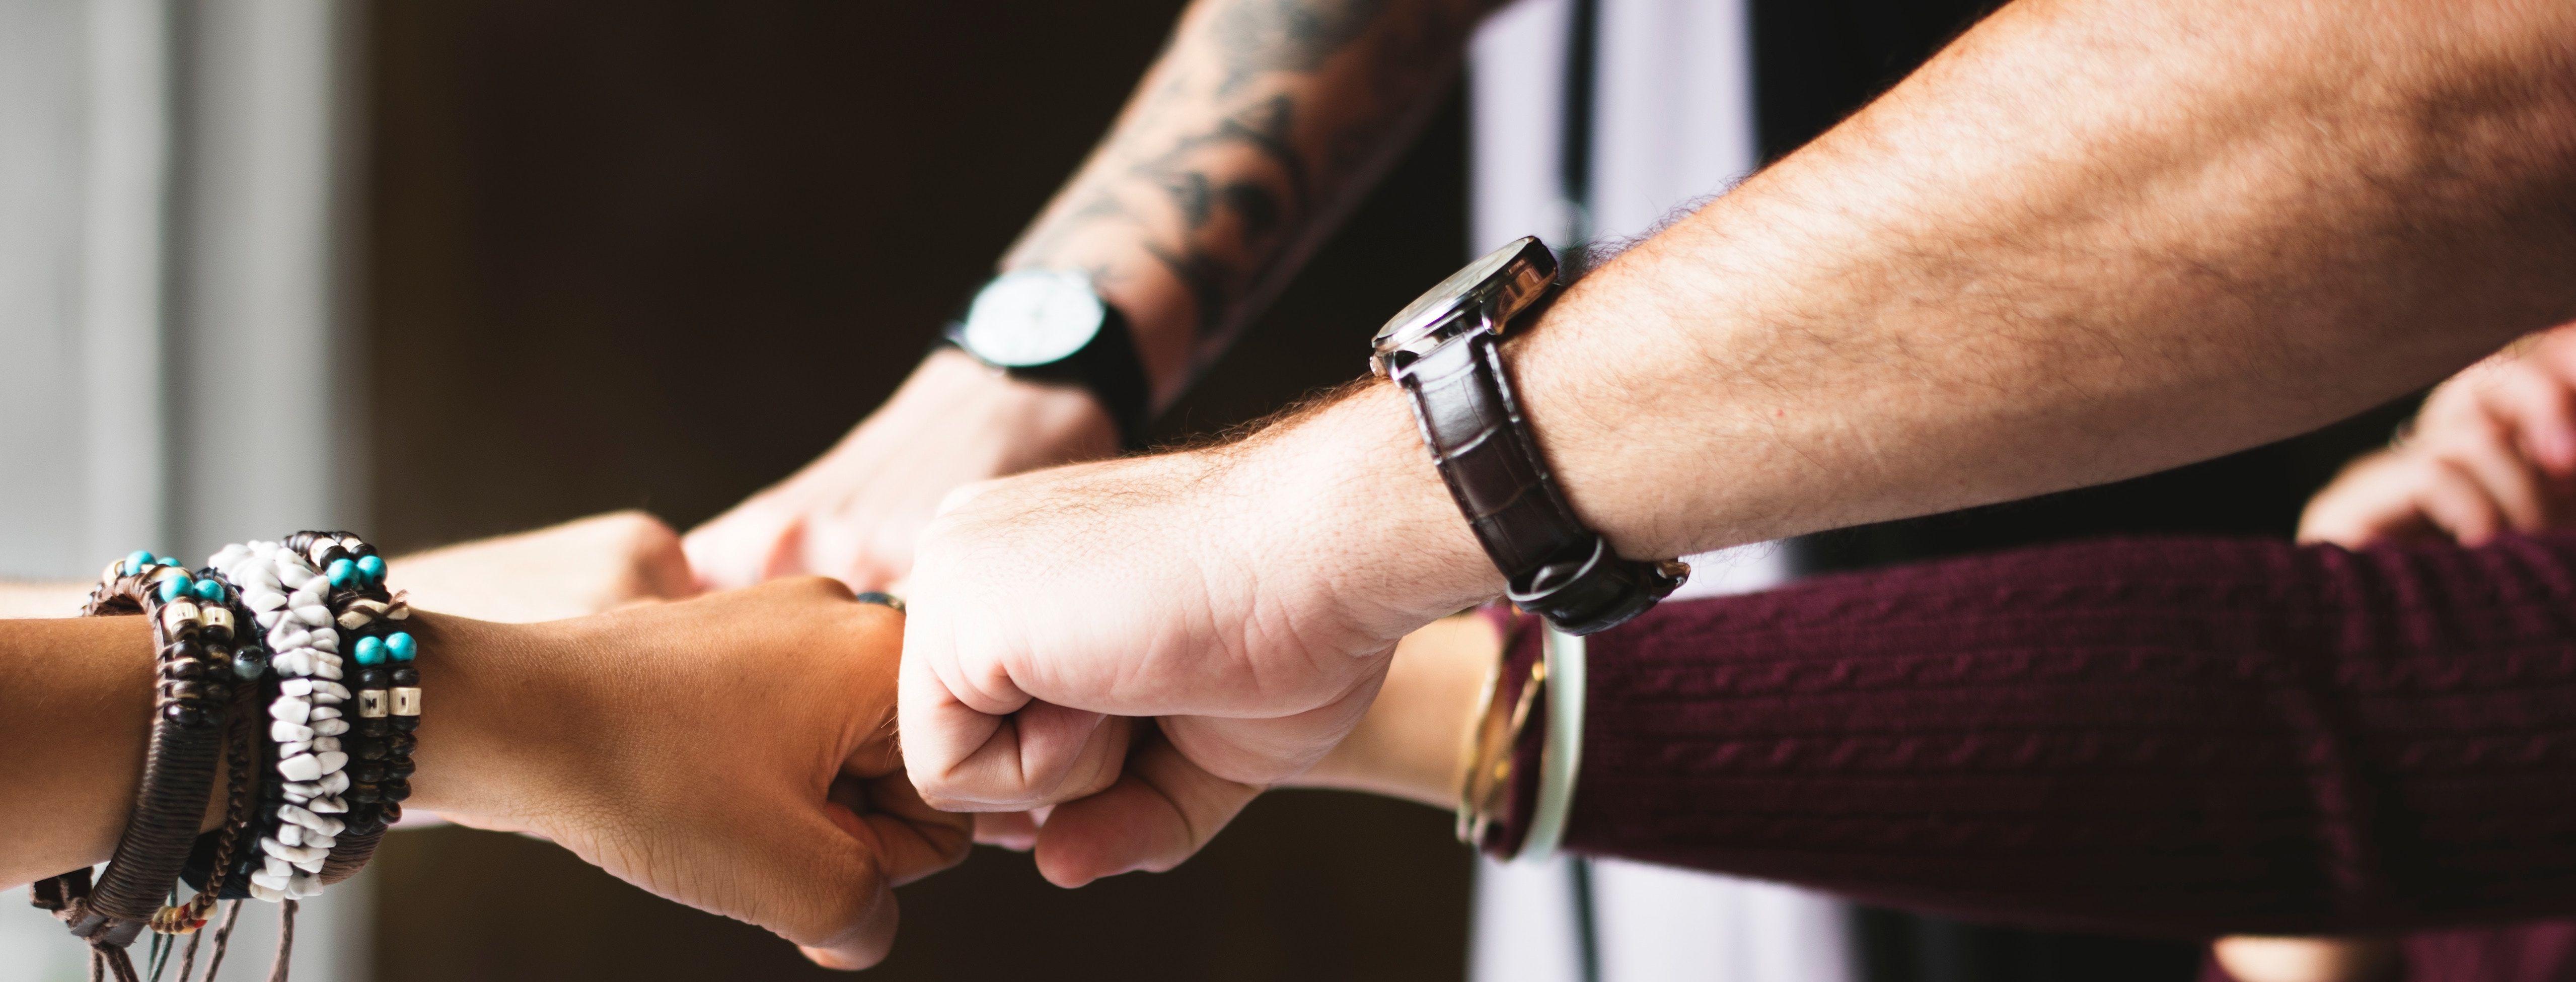 ¿Cuánto sabes de mediación? Haz nuestro test de mediación